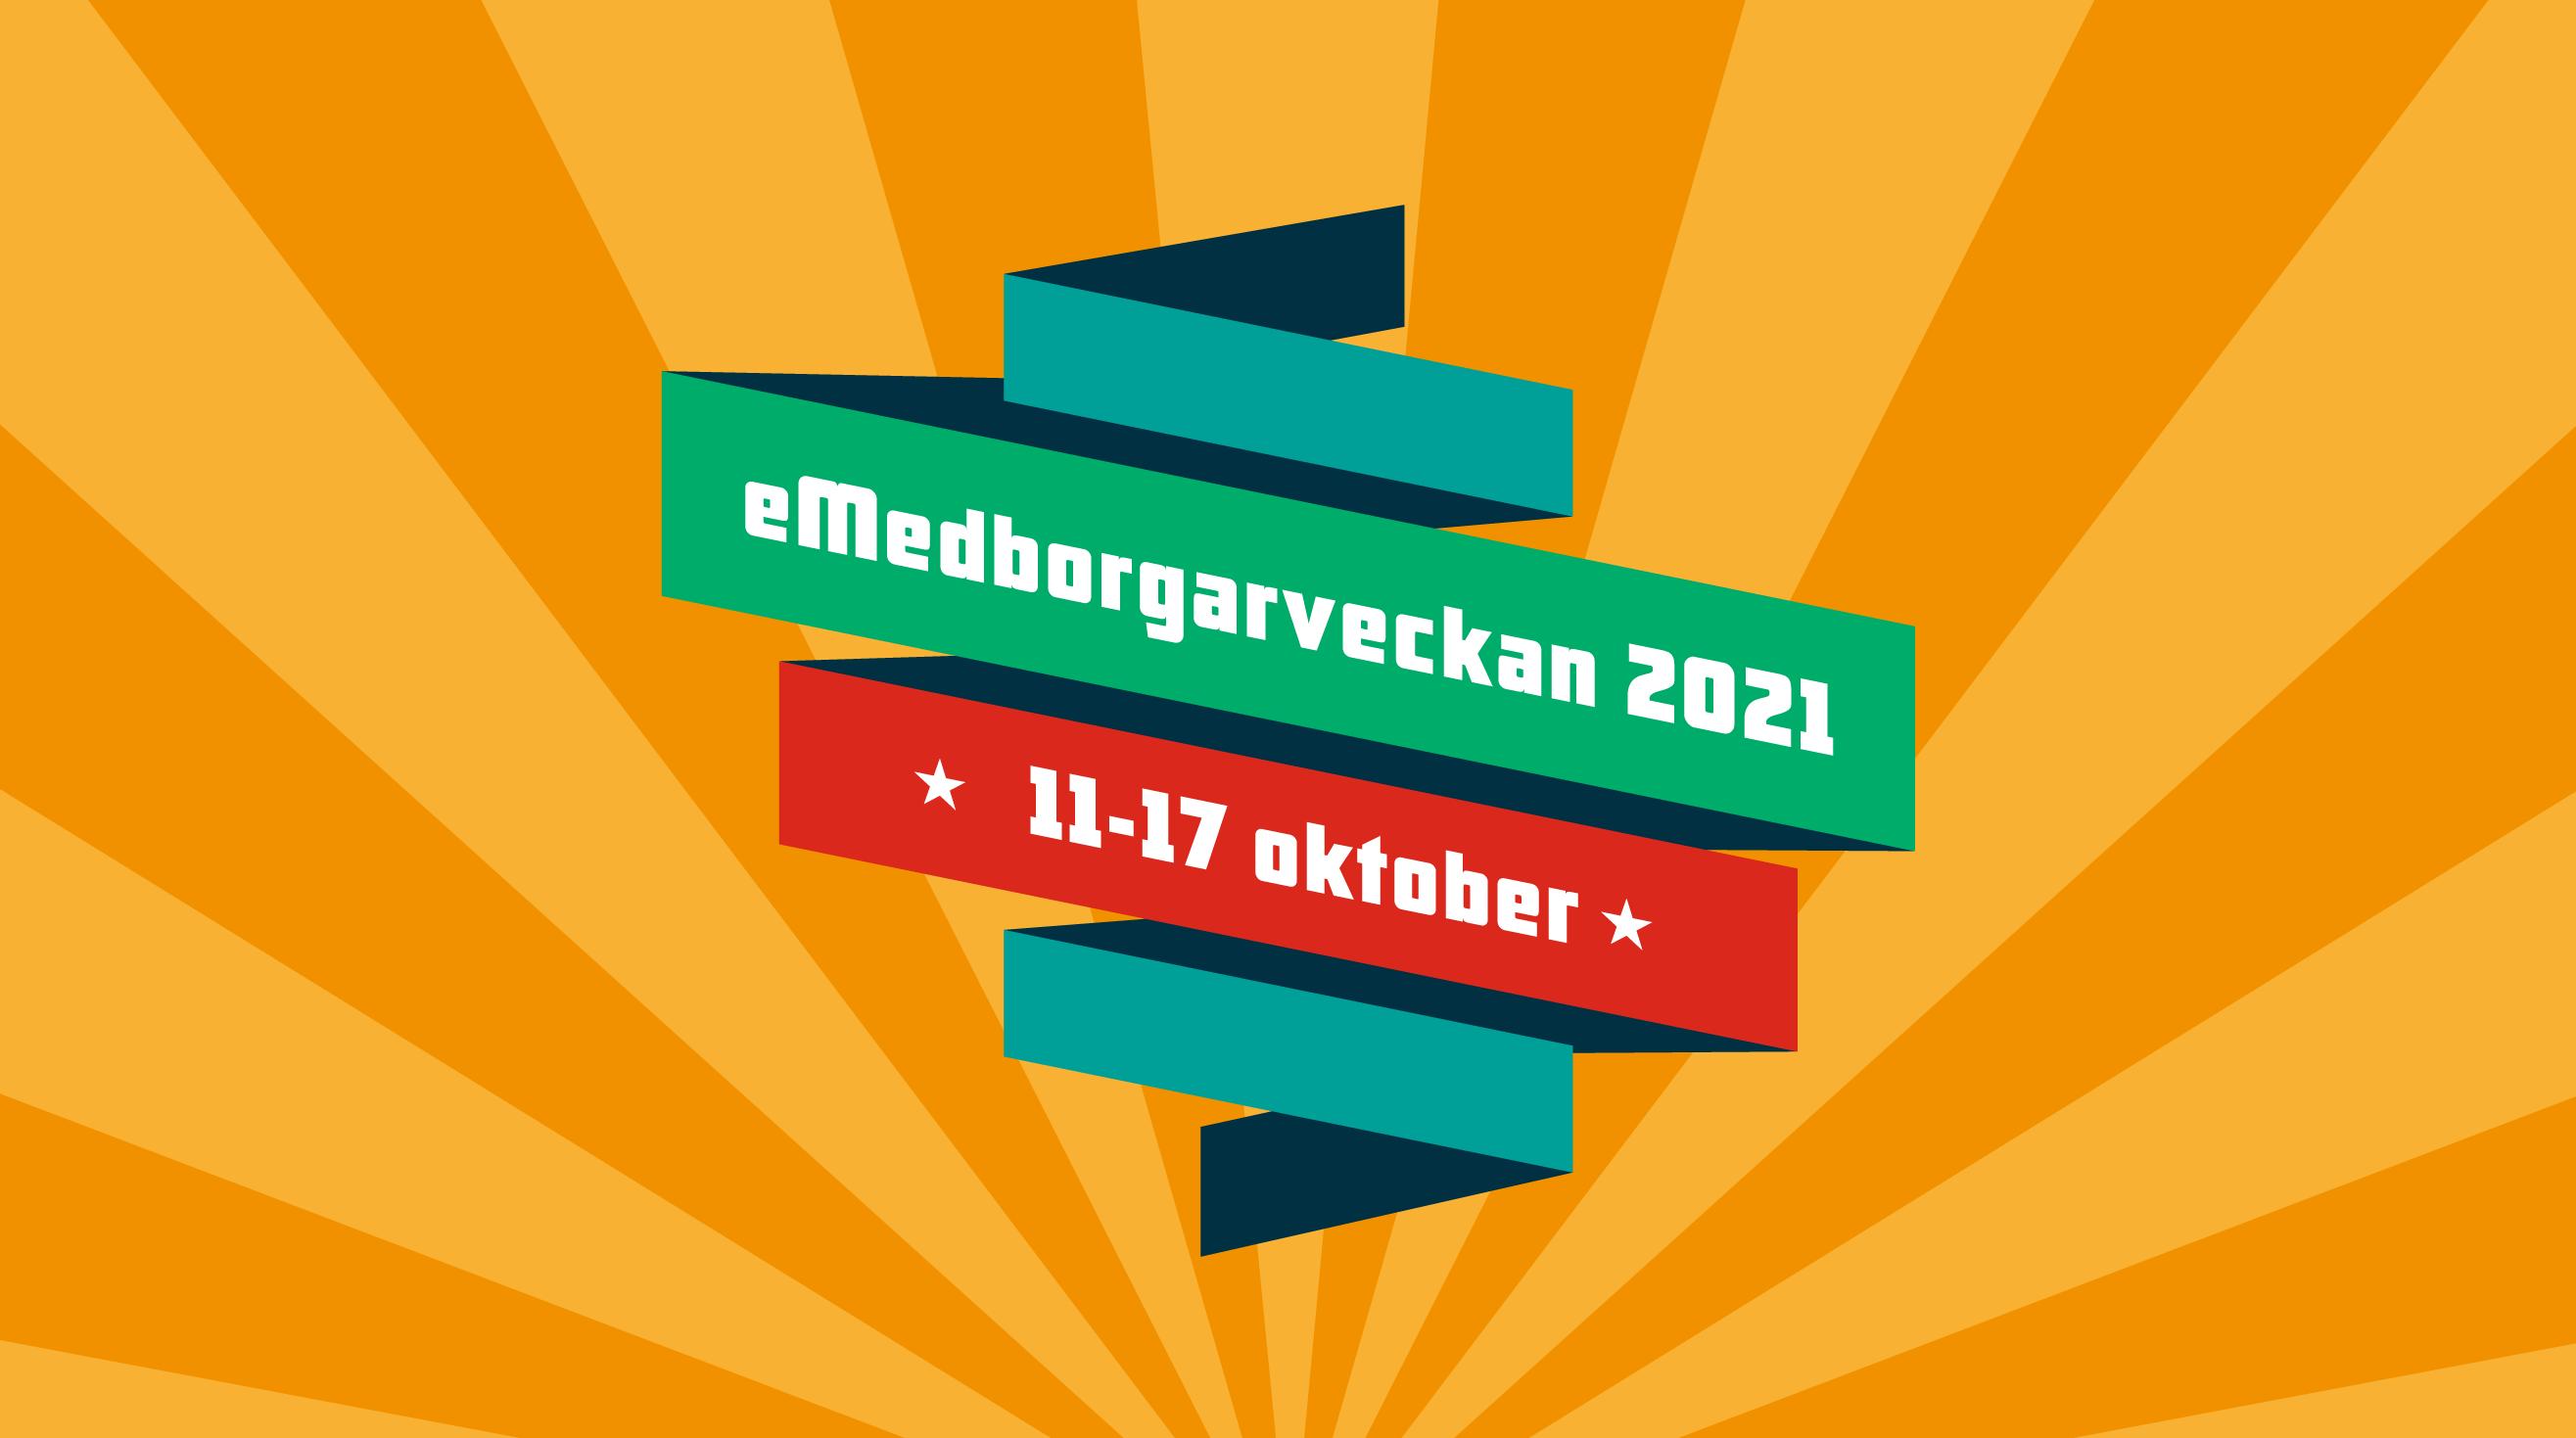 Loggan för e-medborgarveckan med skyltar i olika färger staplad på varandra